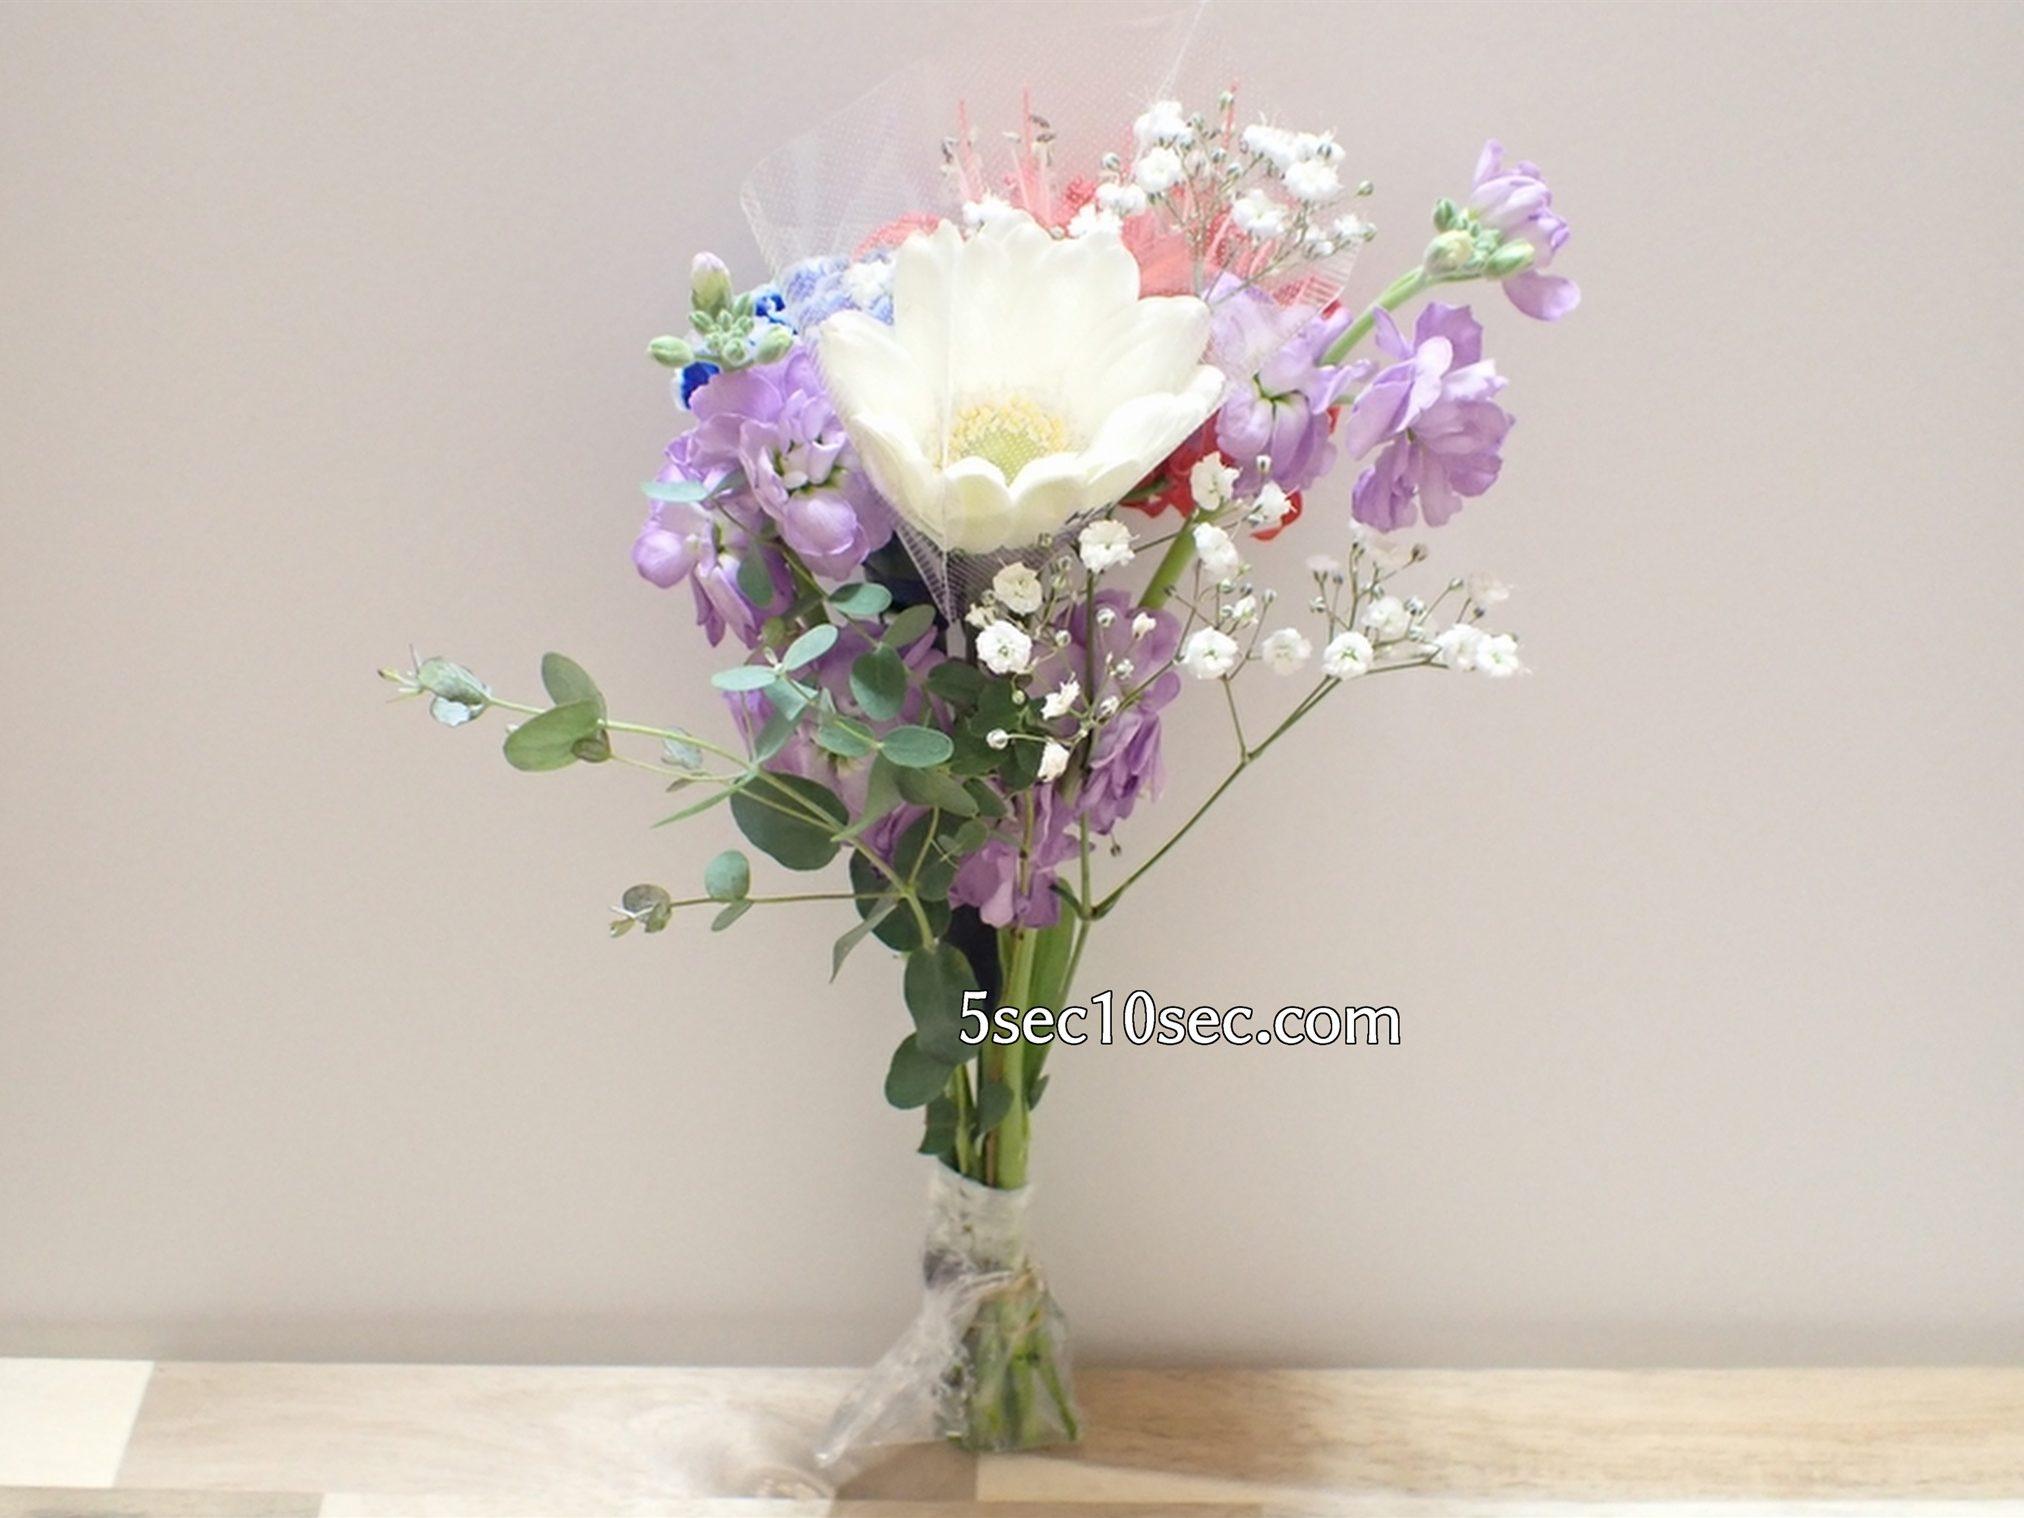 株式会社Crunch Style お花の定期便 Bloomee LIFE ブルーミーライフ 800円のレギュラープラン ガーベラは個別に包まれ、守られた状態で届きました